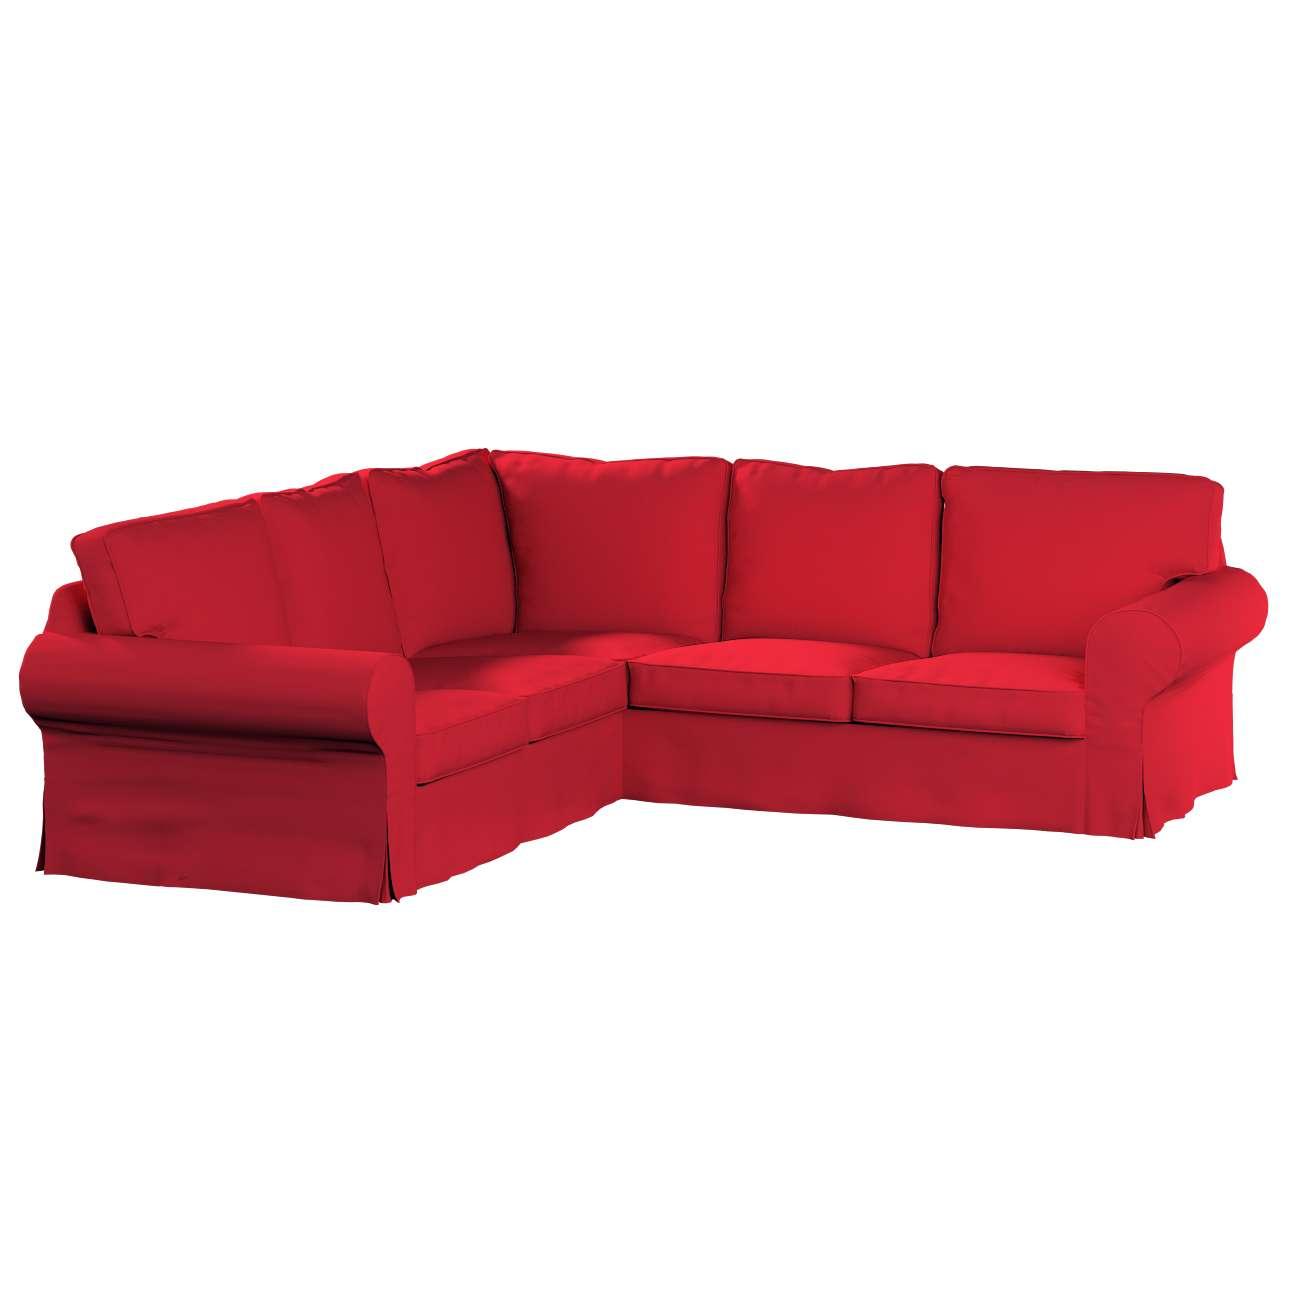 Pokrowiec Ektorp na sofę Sofa Ektorp narożna w kolekcji Cotton Panama, tkanina: 702-04